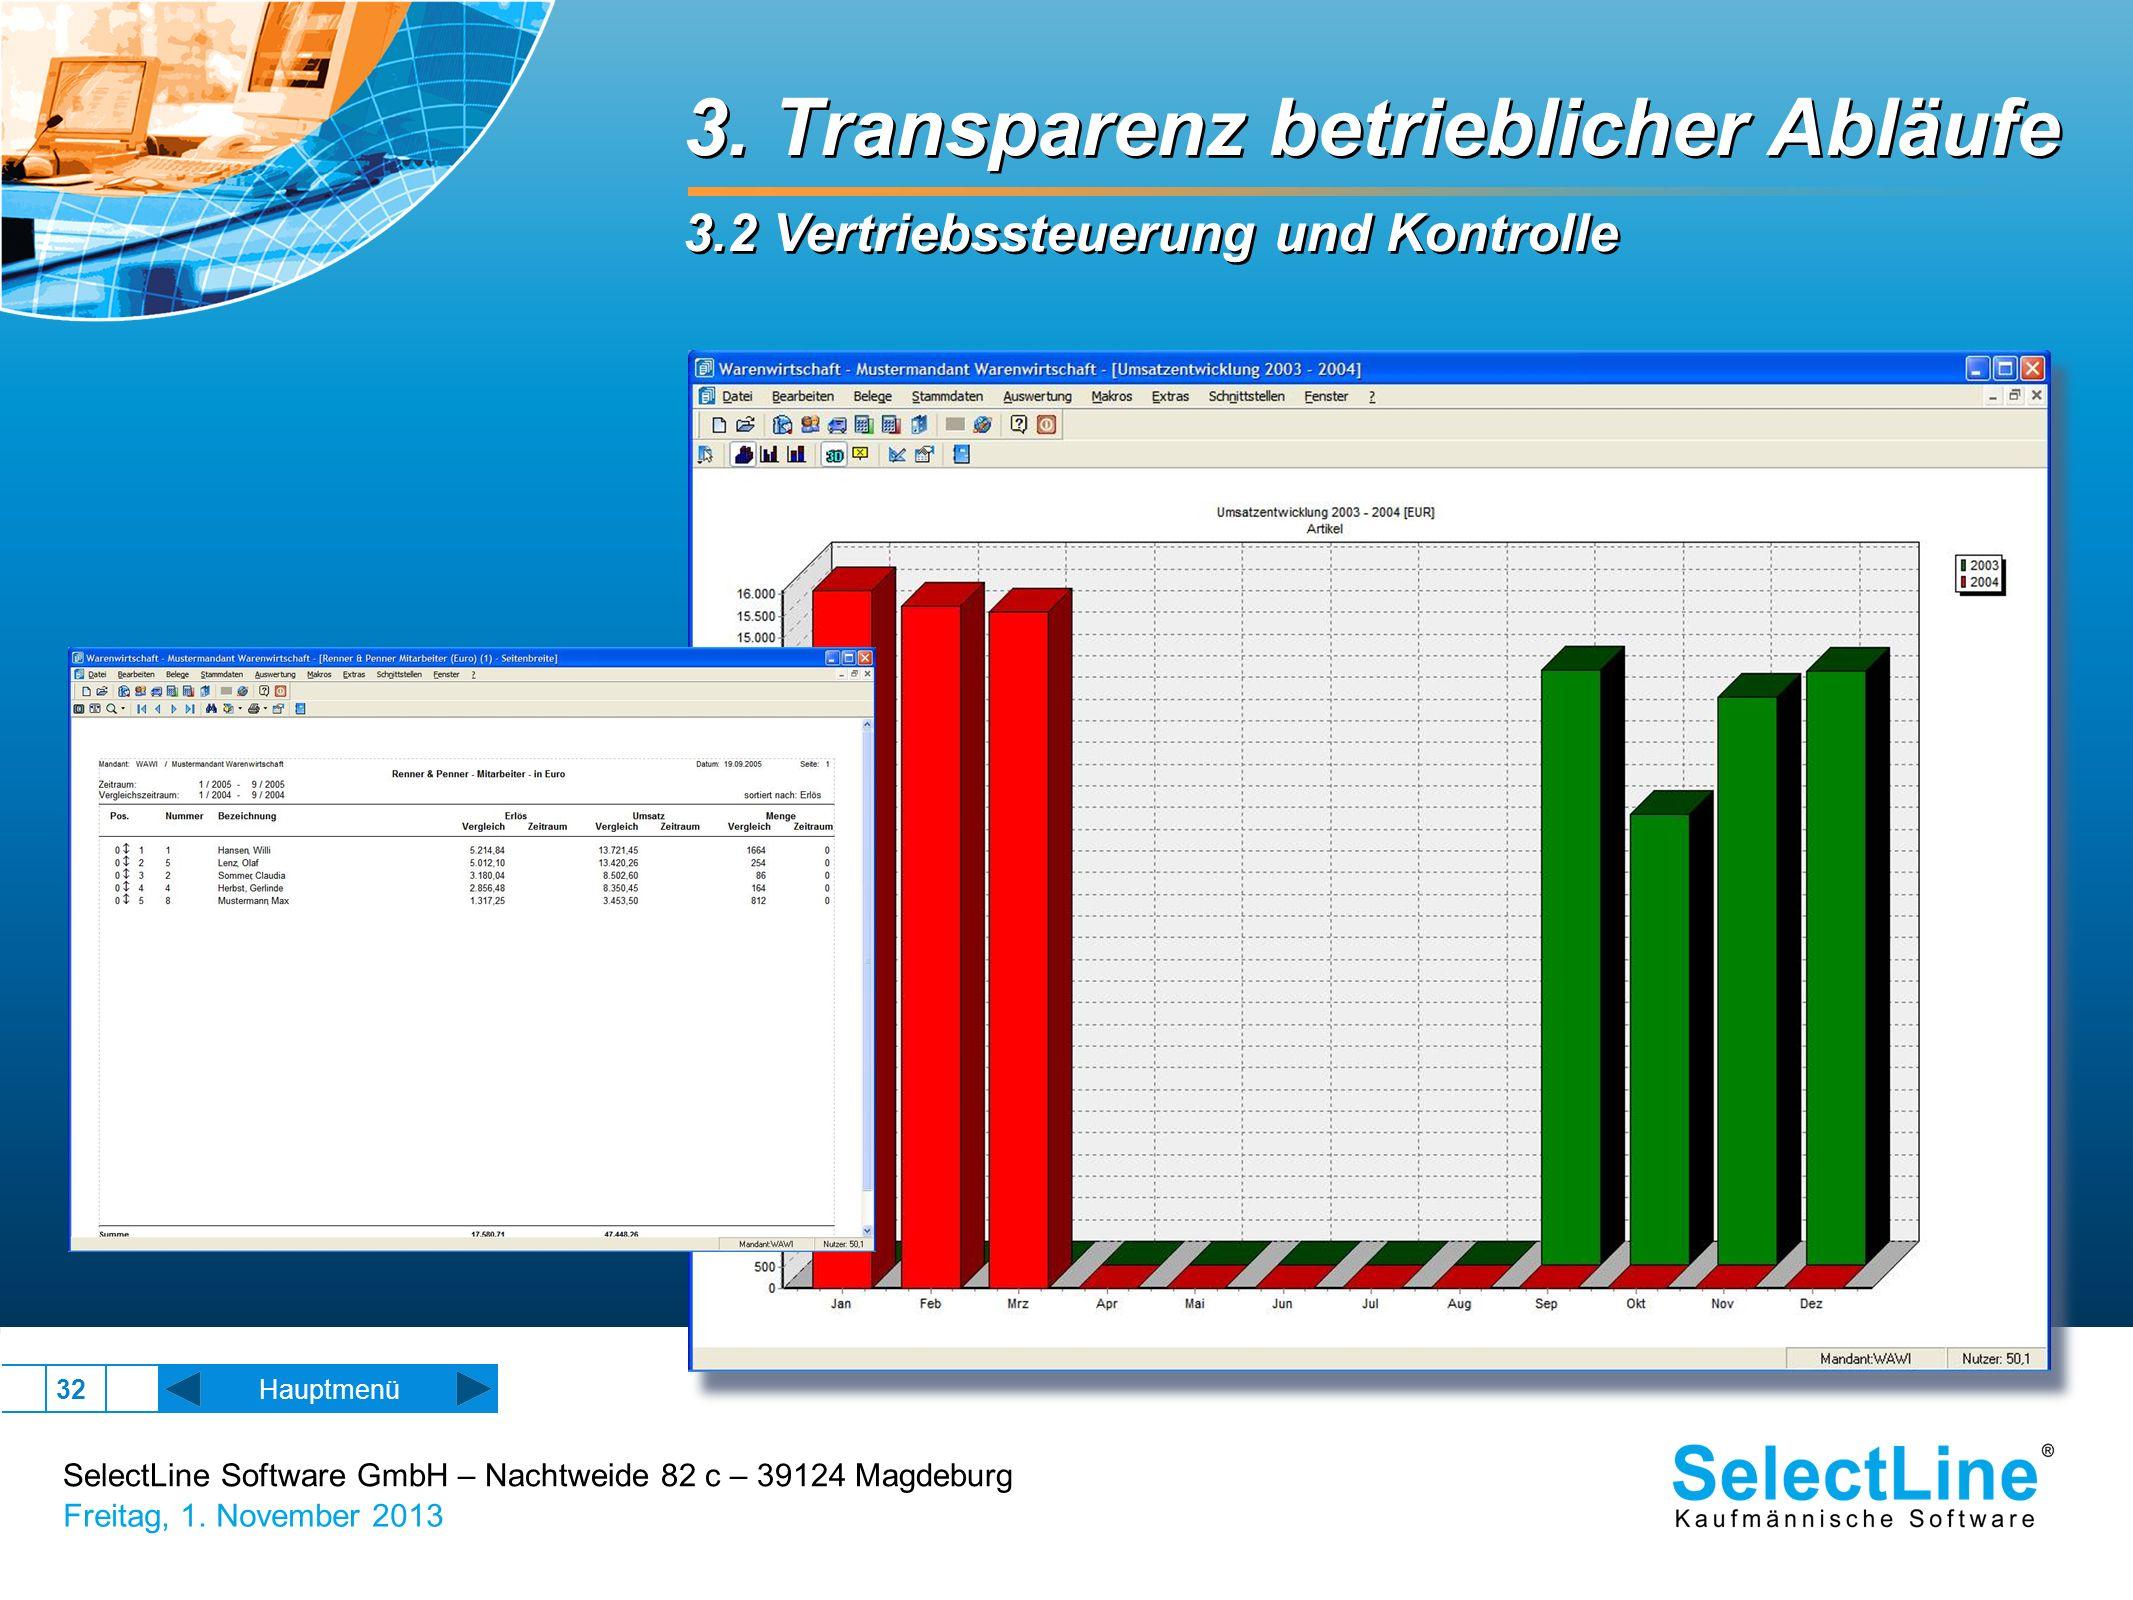 SelectLine Software GmbH – Nachtweide 82 c – 39124 Magdeburg Freitag, 1. November 2013 32 3. Transparenz betrieblicher Abläufe 3.2 Vertriebssteuerung